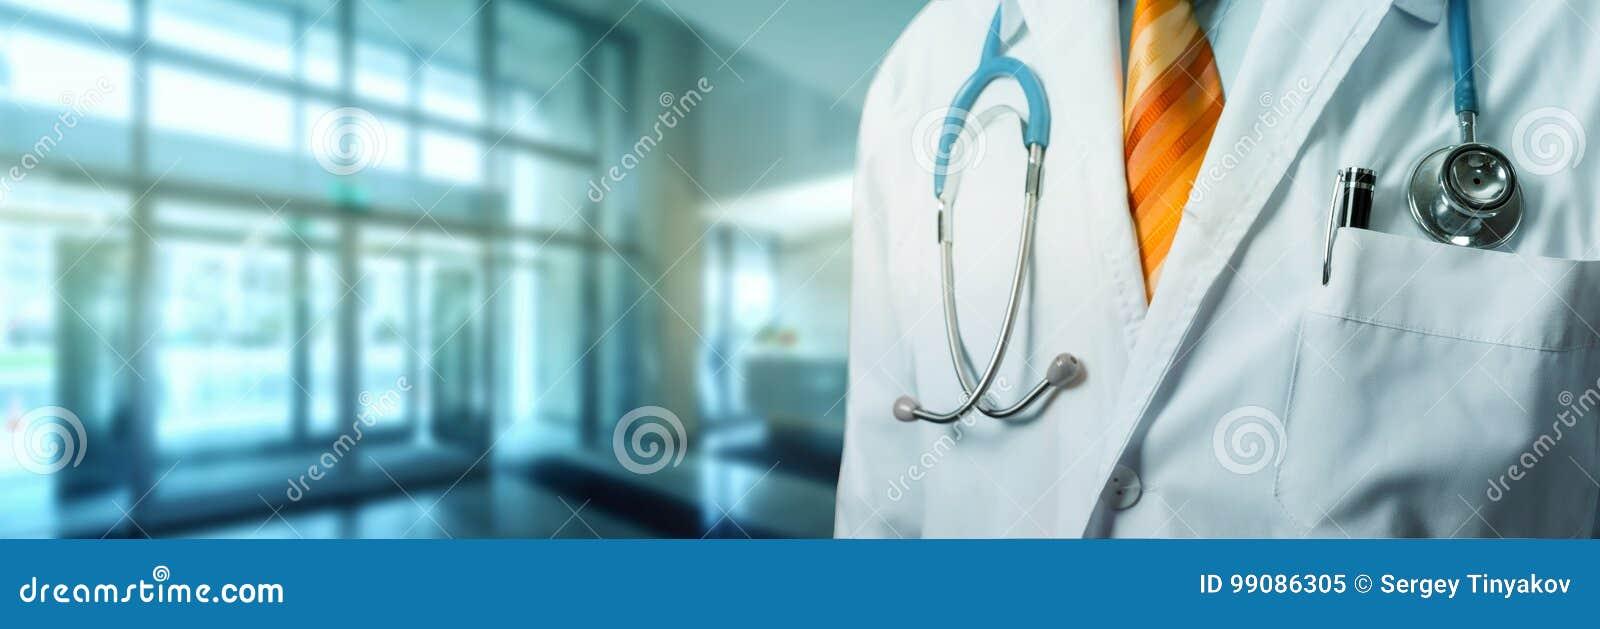 Doktor With Stethoscope In Hall Hospital Globales Gesundheitswesen-Medizin-Versicherungs-Konzept